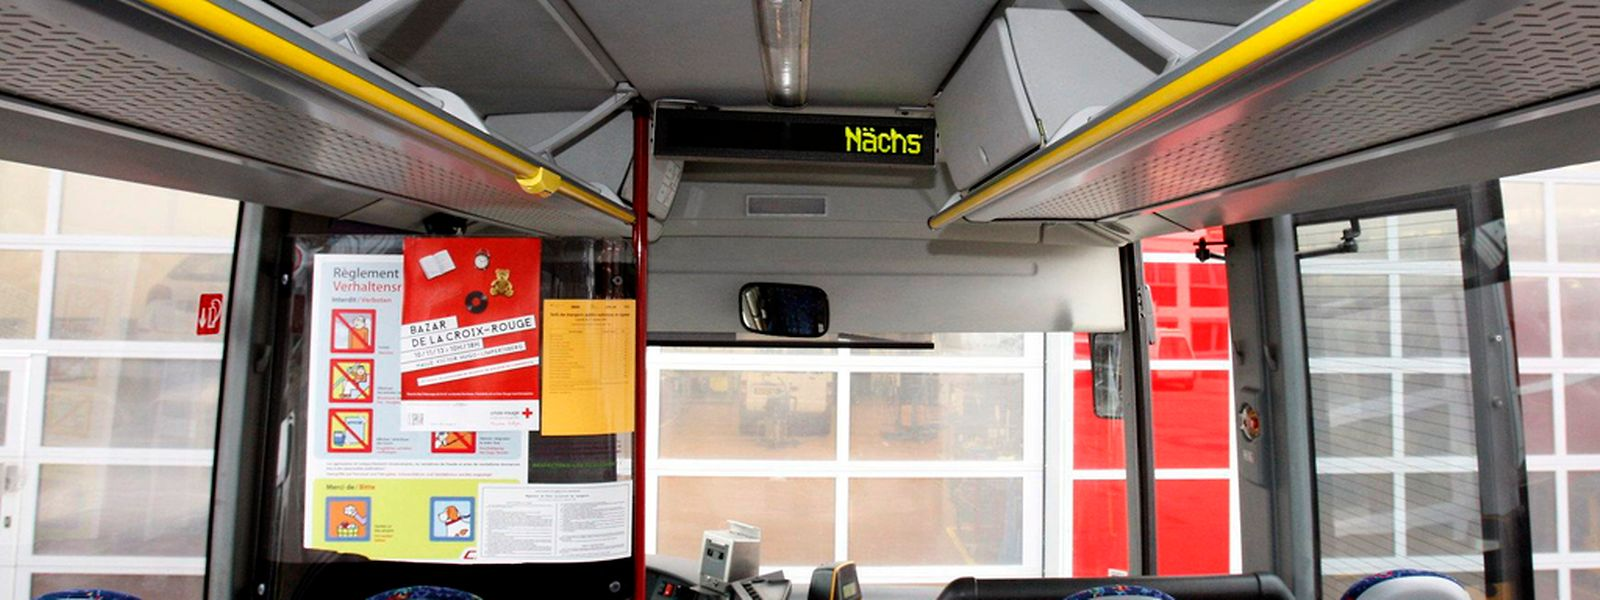 Wird kein Schülertransport angeboten, müssen die jungen Menschen auf den normalen öffentlichen Verkehr ausweichen.